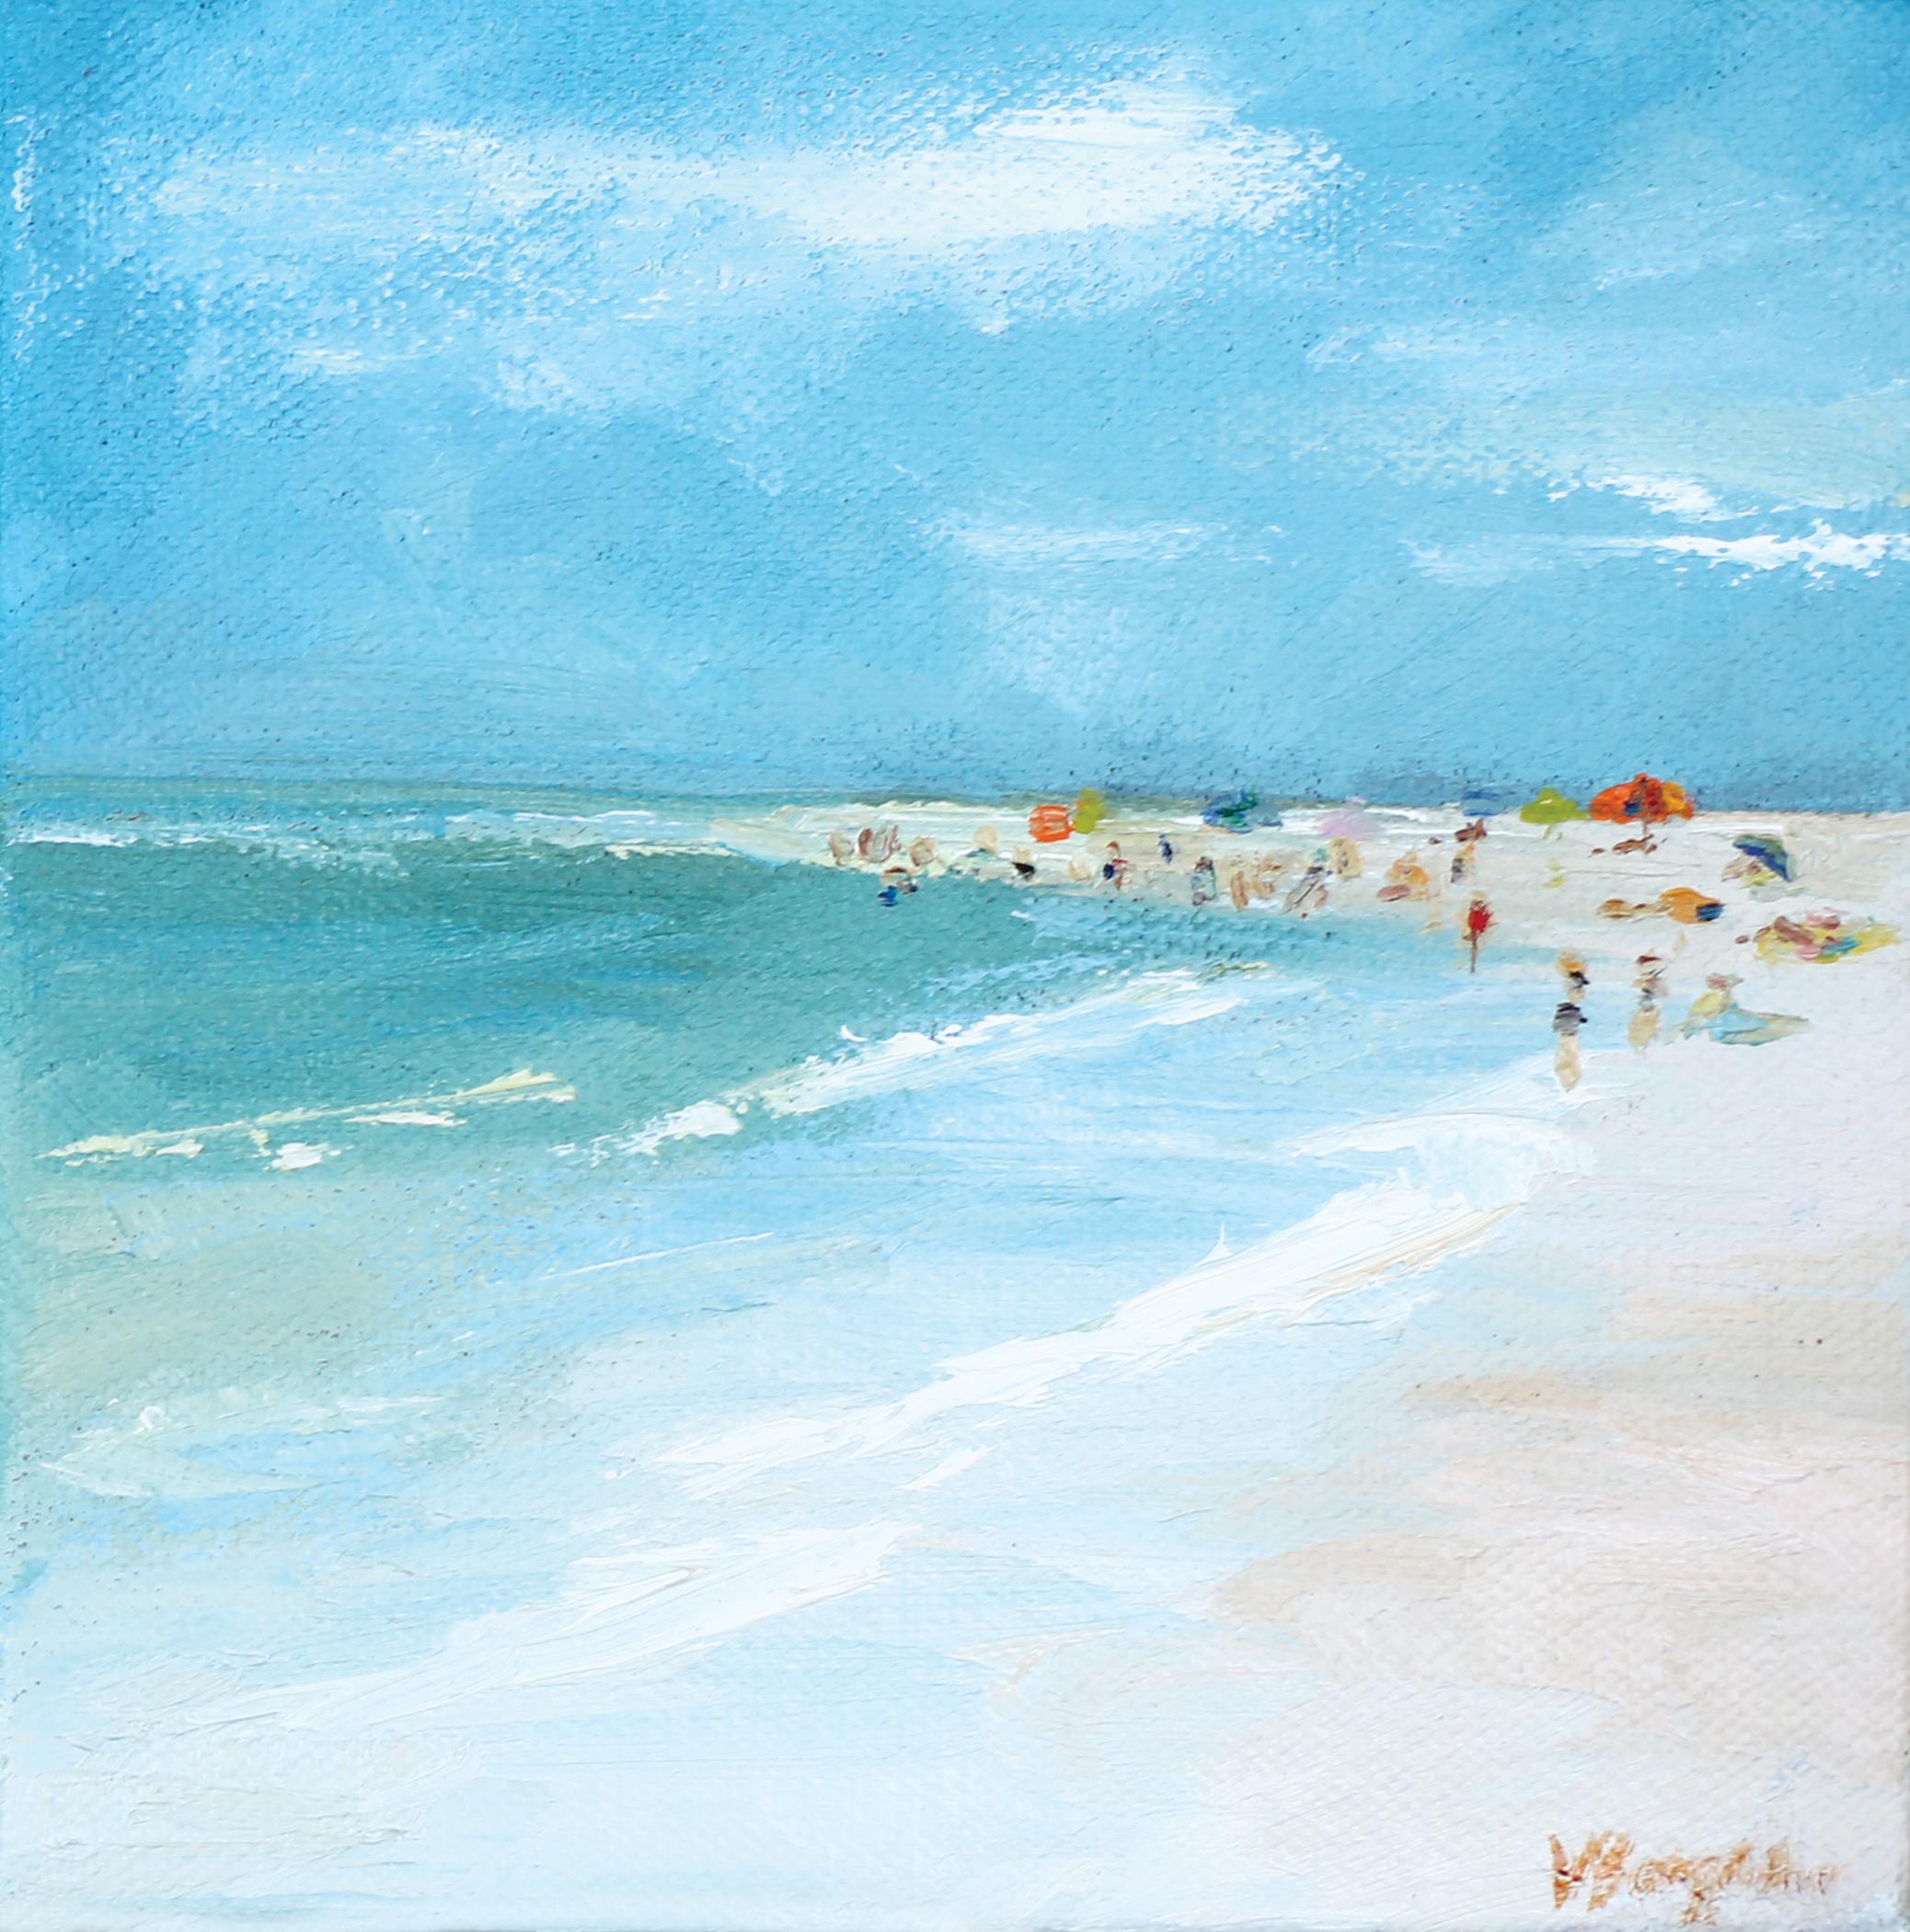 LIttle Sandy Beach